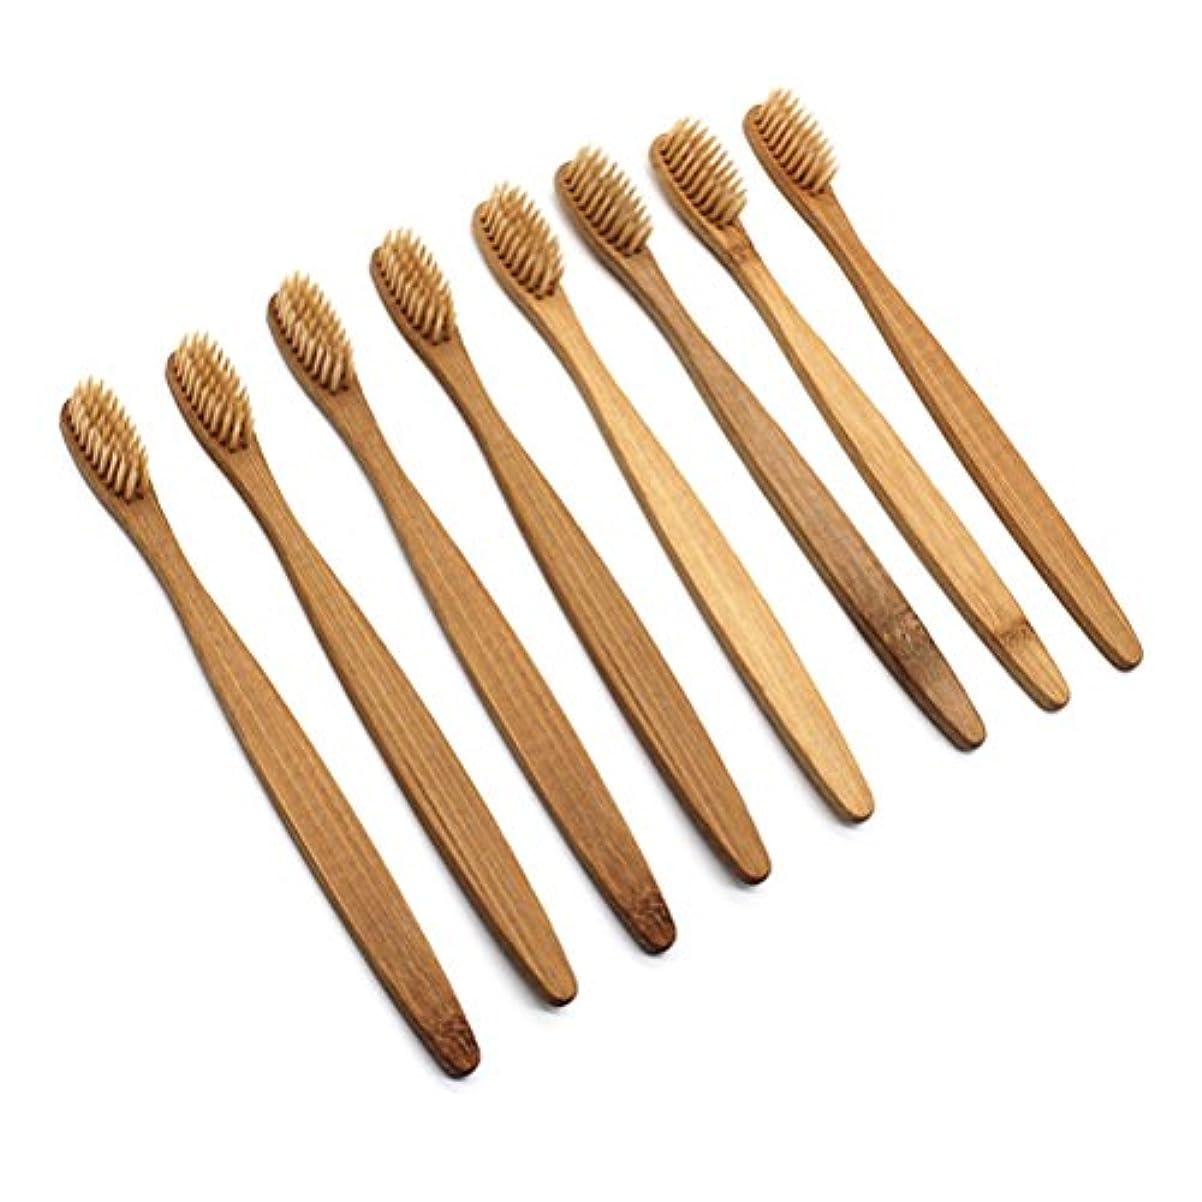 シーズン真似る器用Healifty 柔らかい剛毛が付いているタケ歯ブラシの自然な木のECOの友好的な歯ブラシ歯ブラシ16pcs